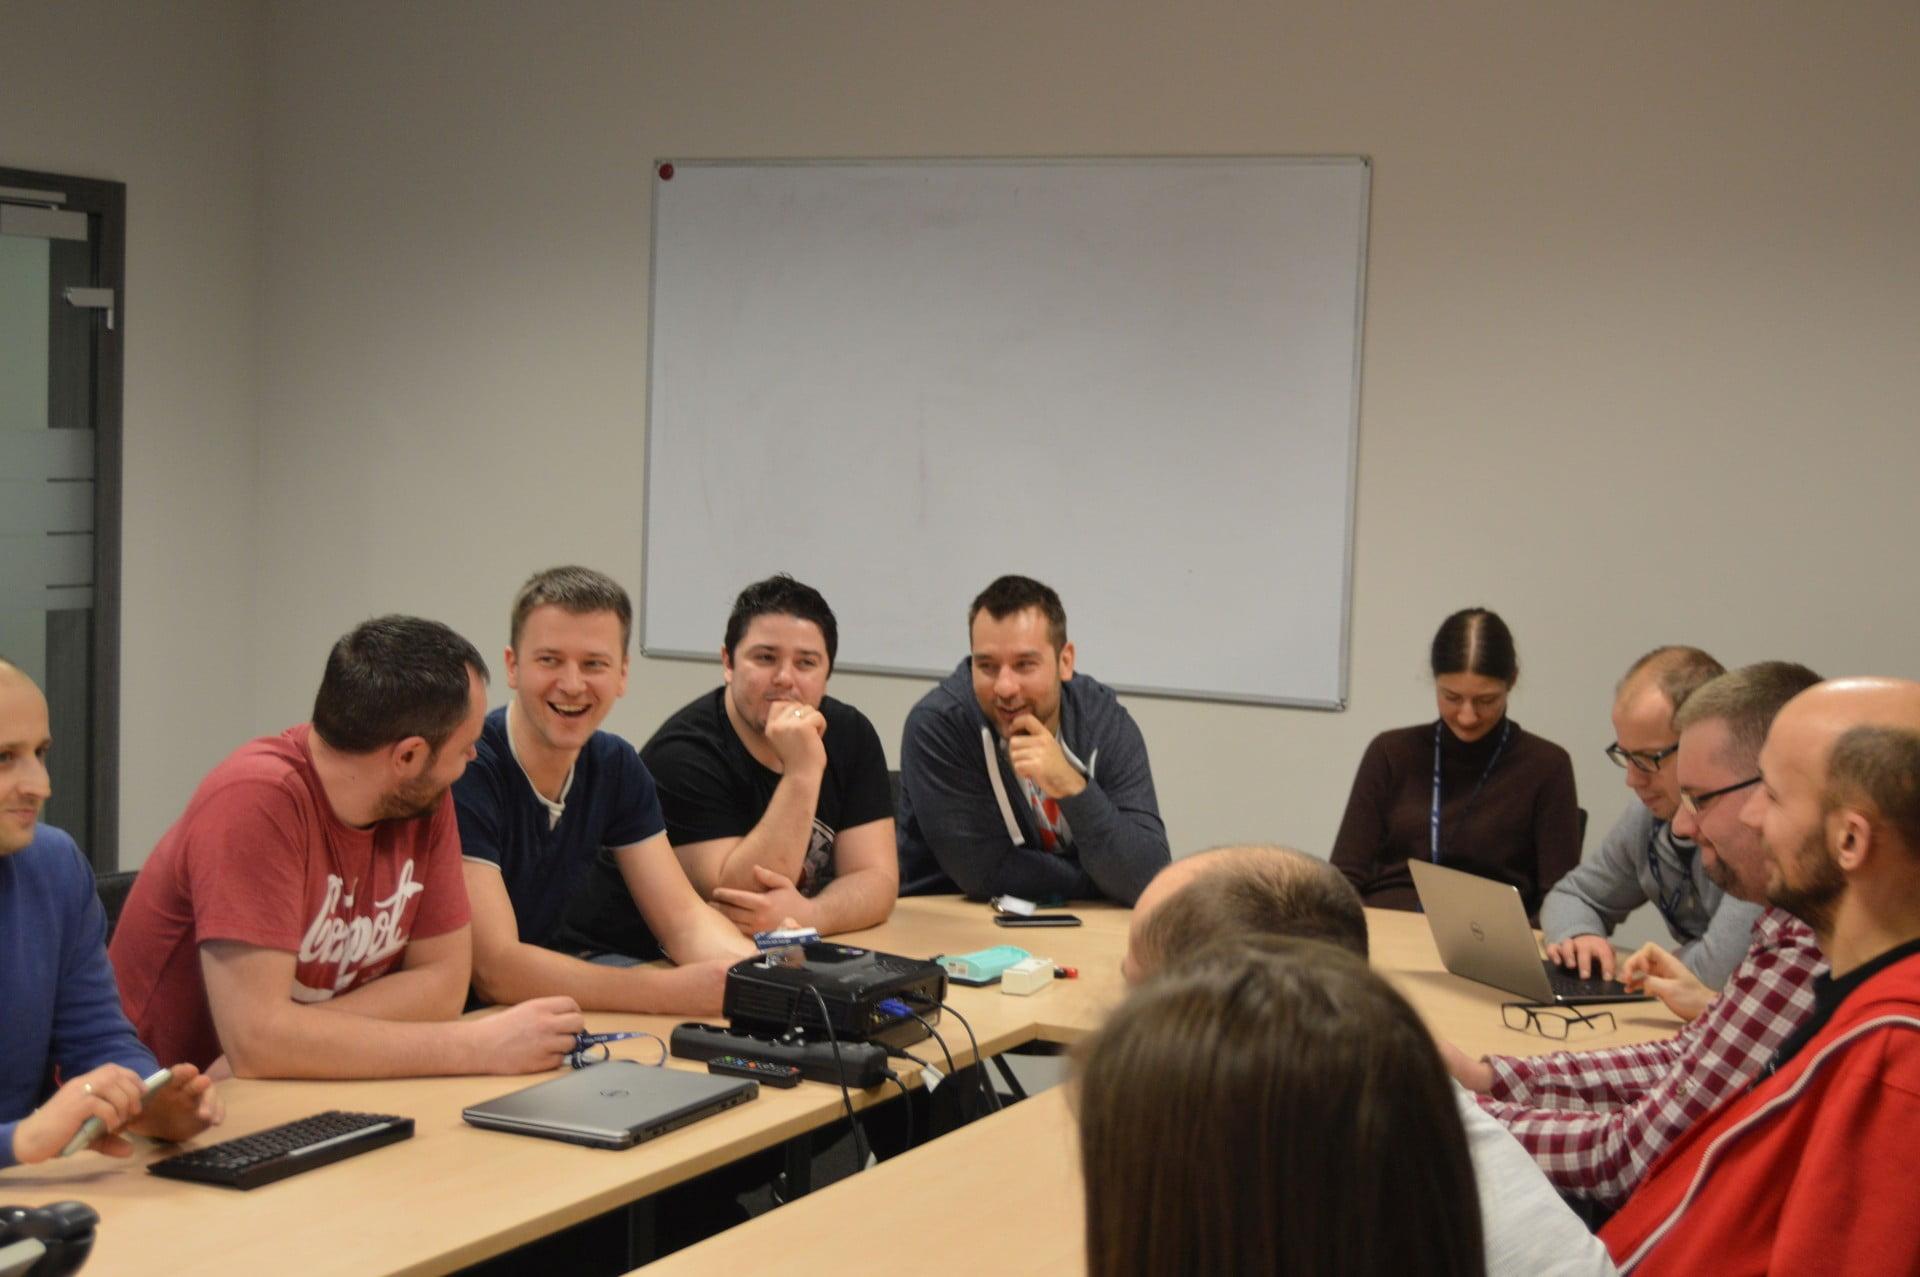 Praktyka Digital w Sii pracuje nad aplikacjami mobilnymi